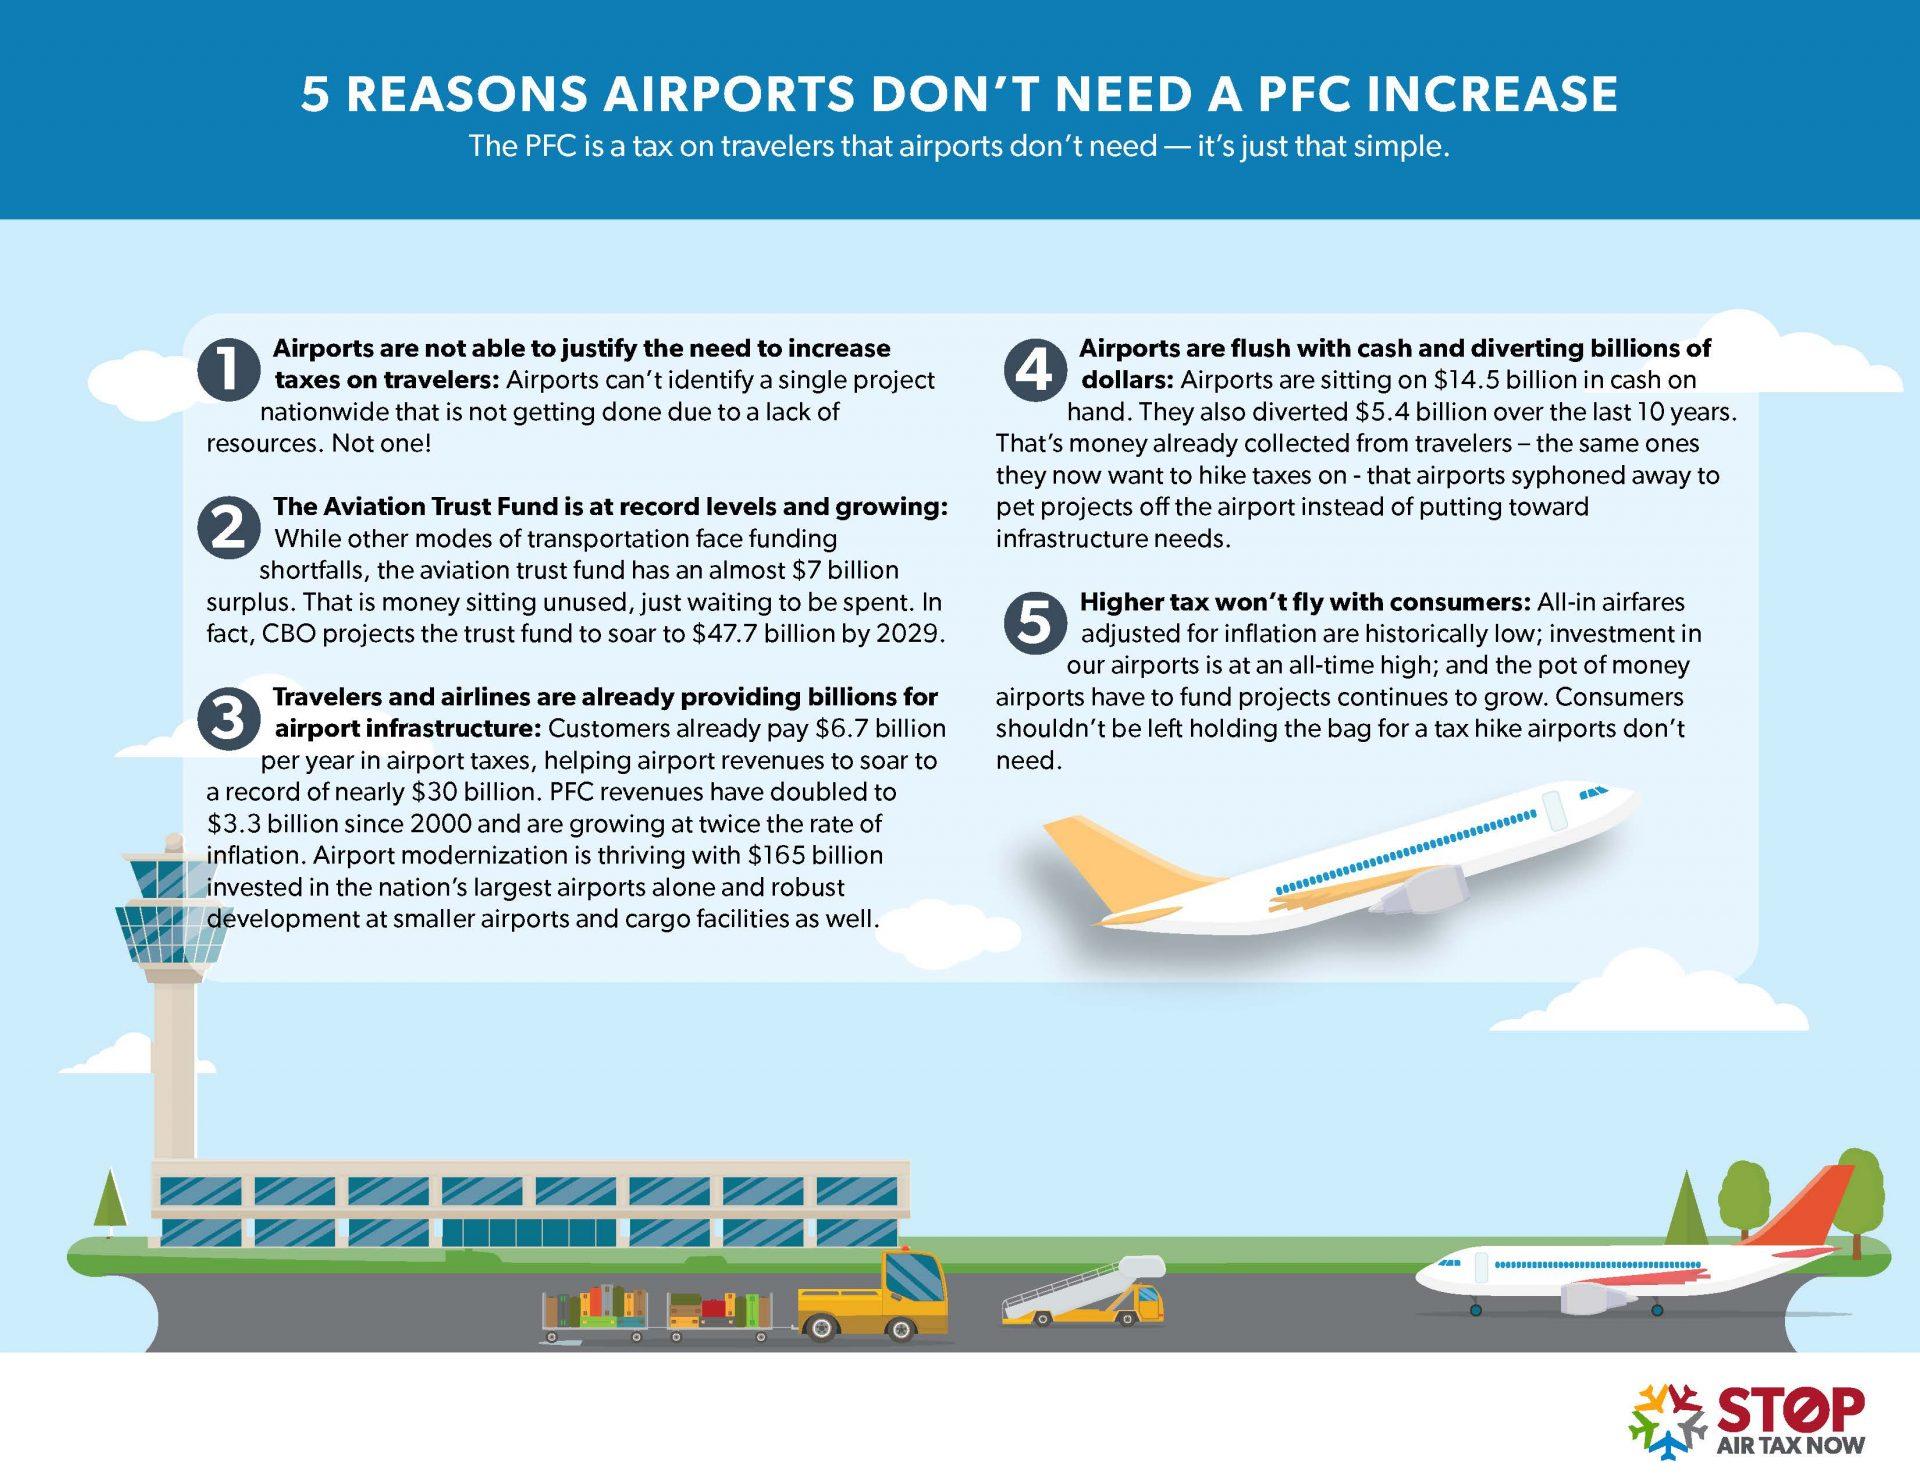 5 Reasons Airports Don't Need A PFC Increase.